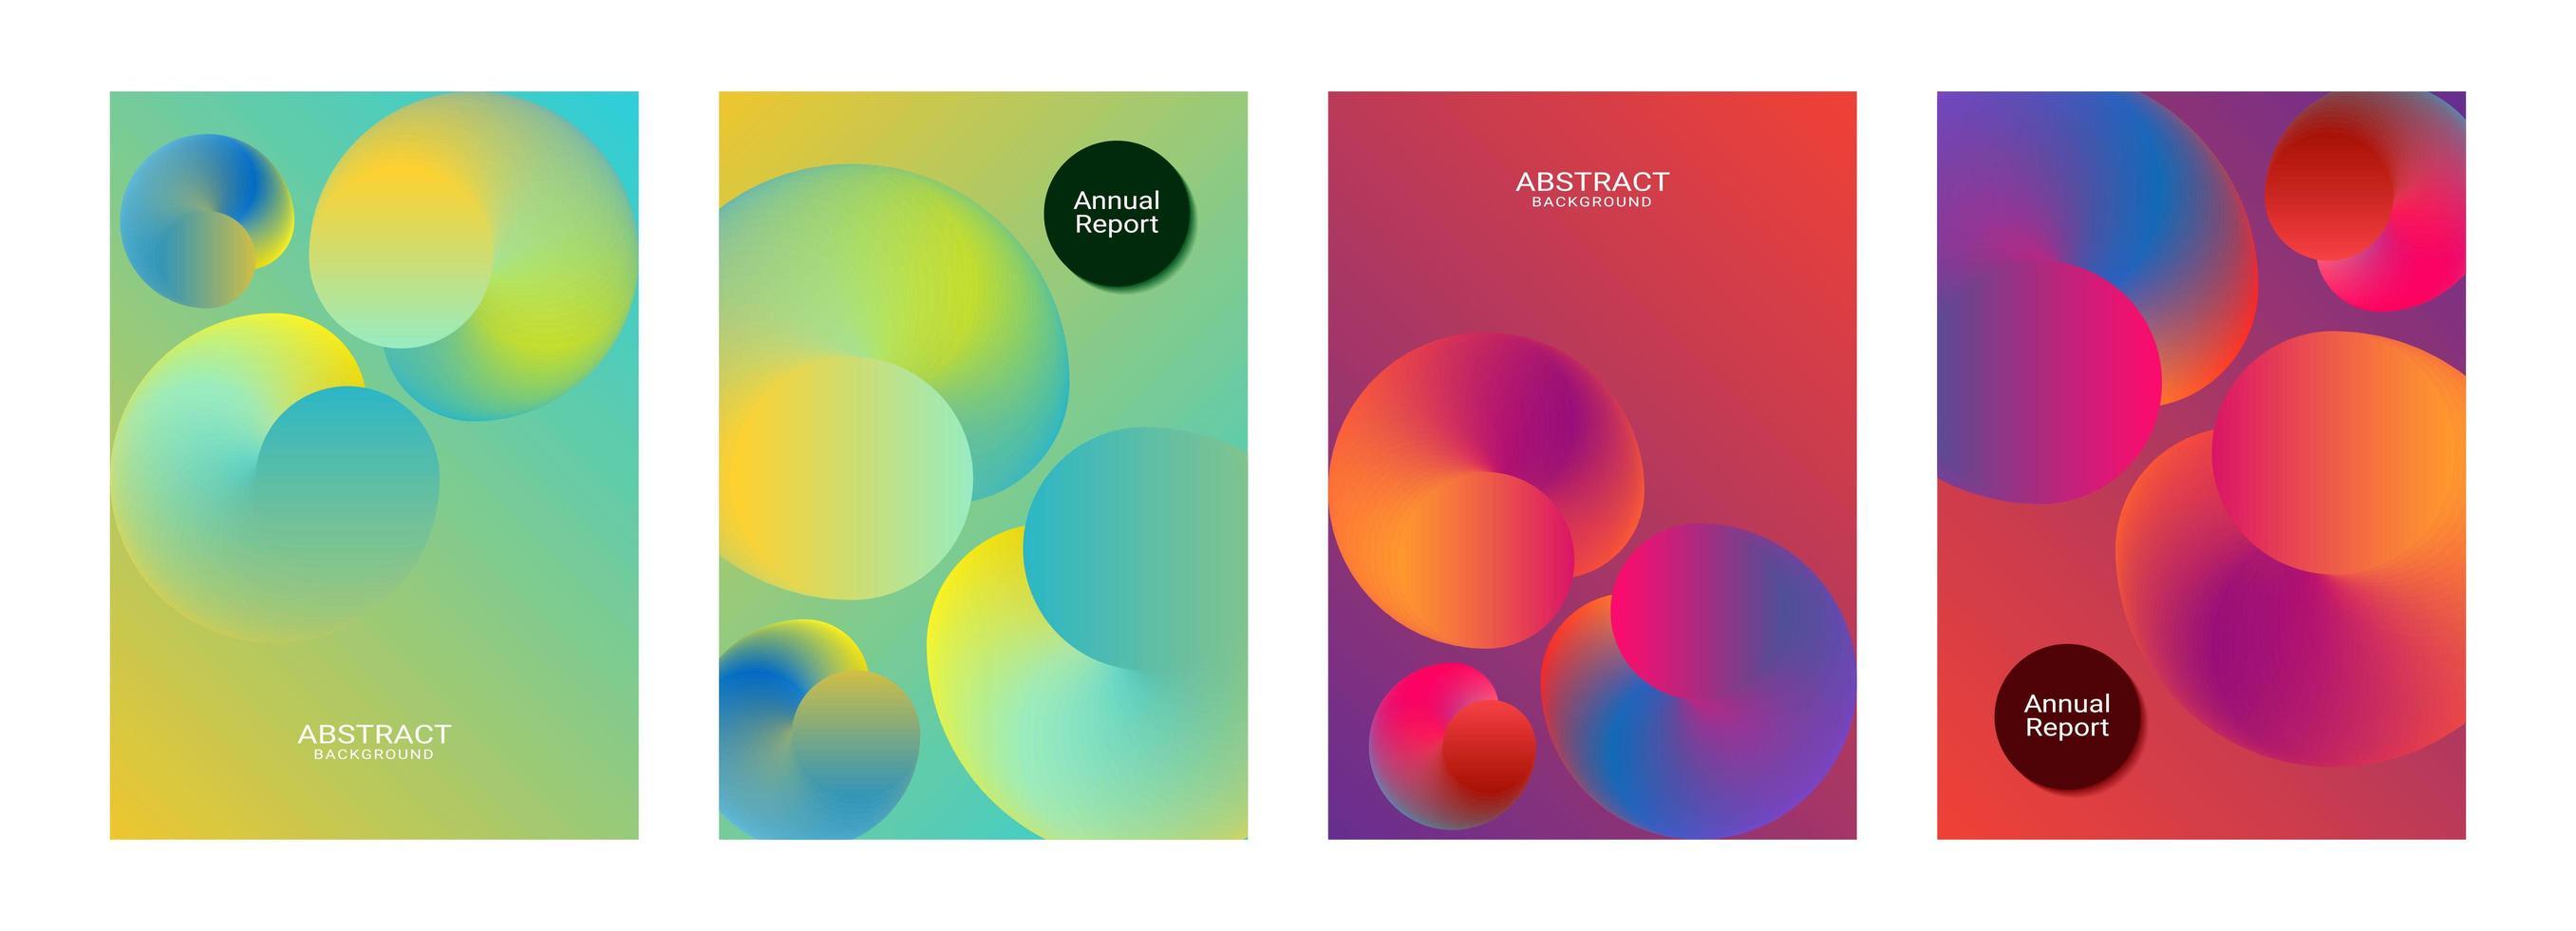 schönes Design der Vorlage für den Jahresbericht der Farbverlaufskugel vektor